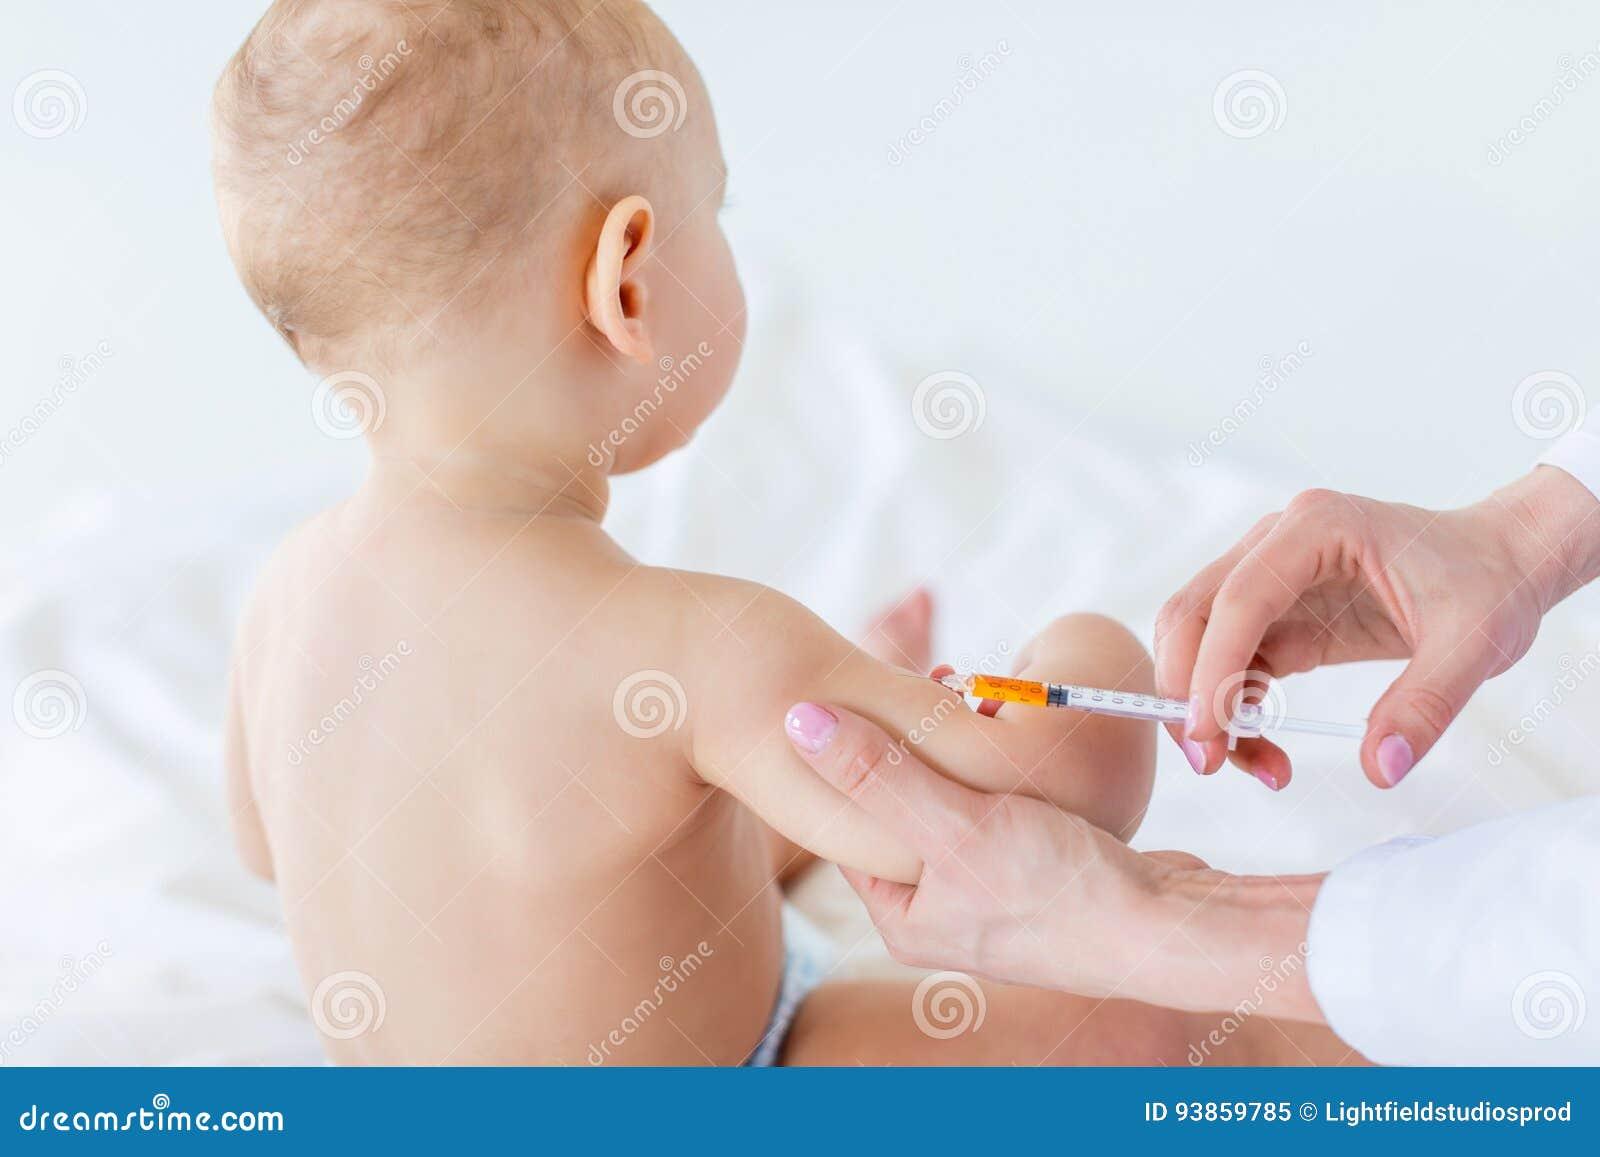 Colpo potato del lavoratore medico che fa iniezione per il neonato sveglio